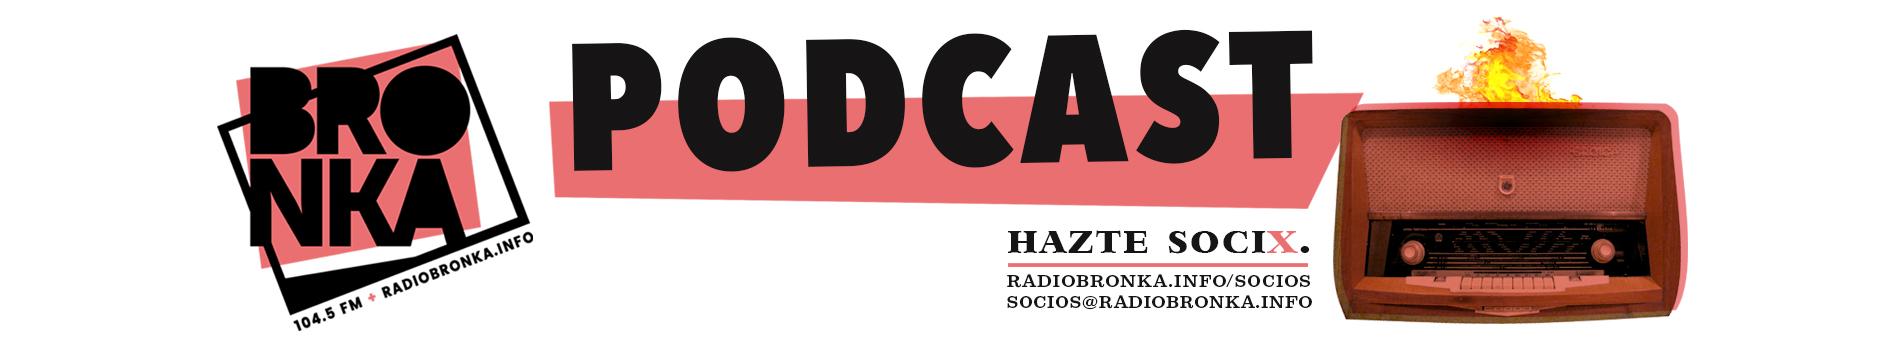 Del 104.5FM a donde tu quieras